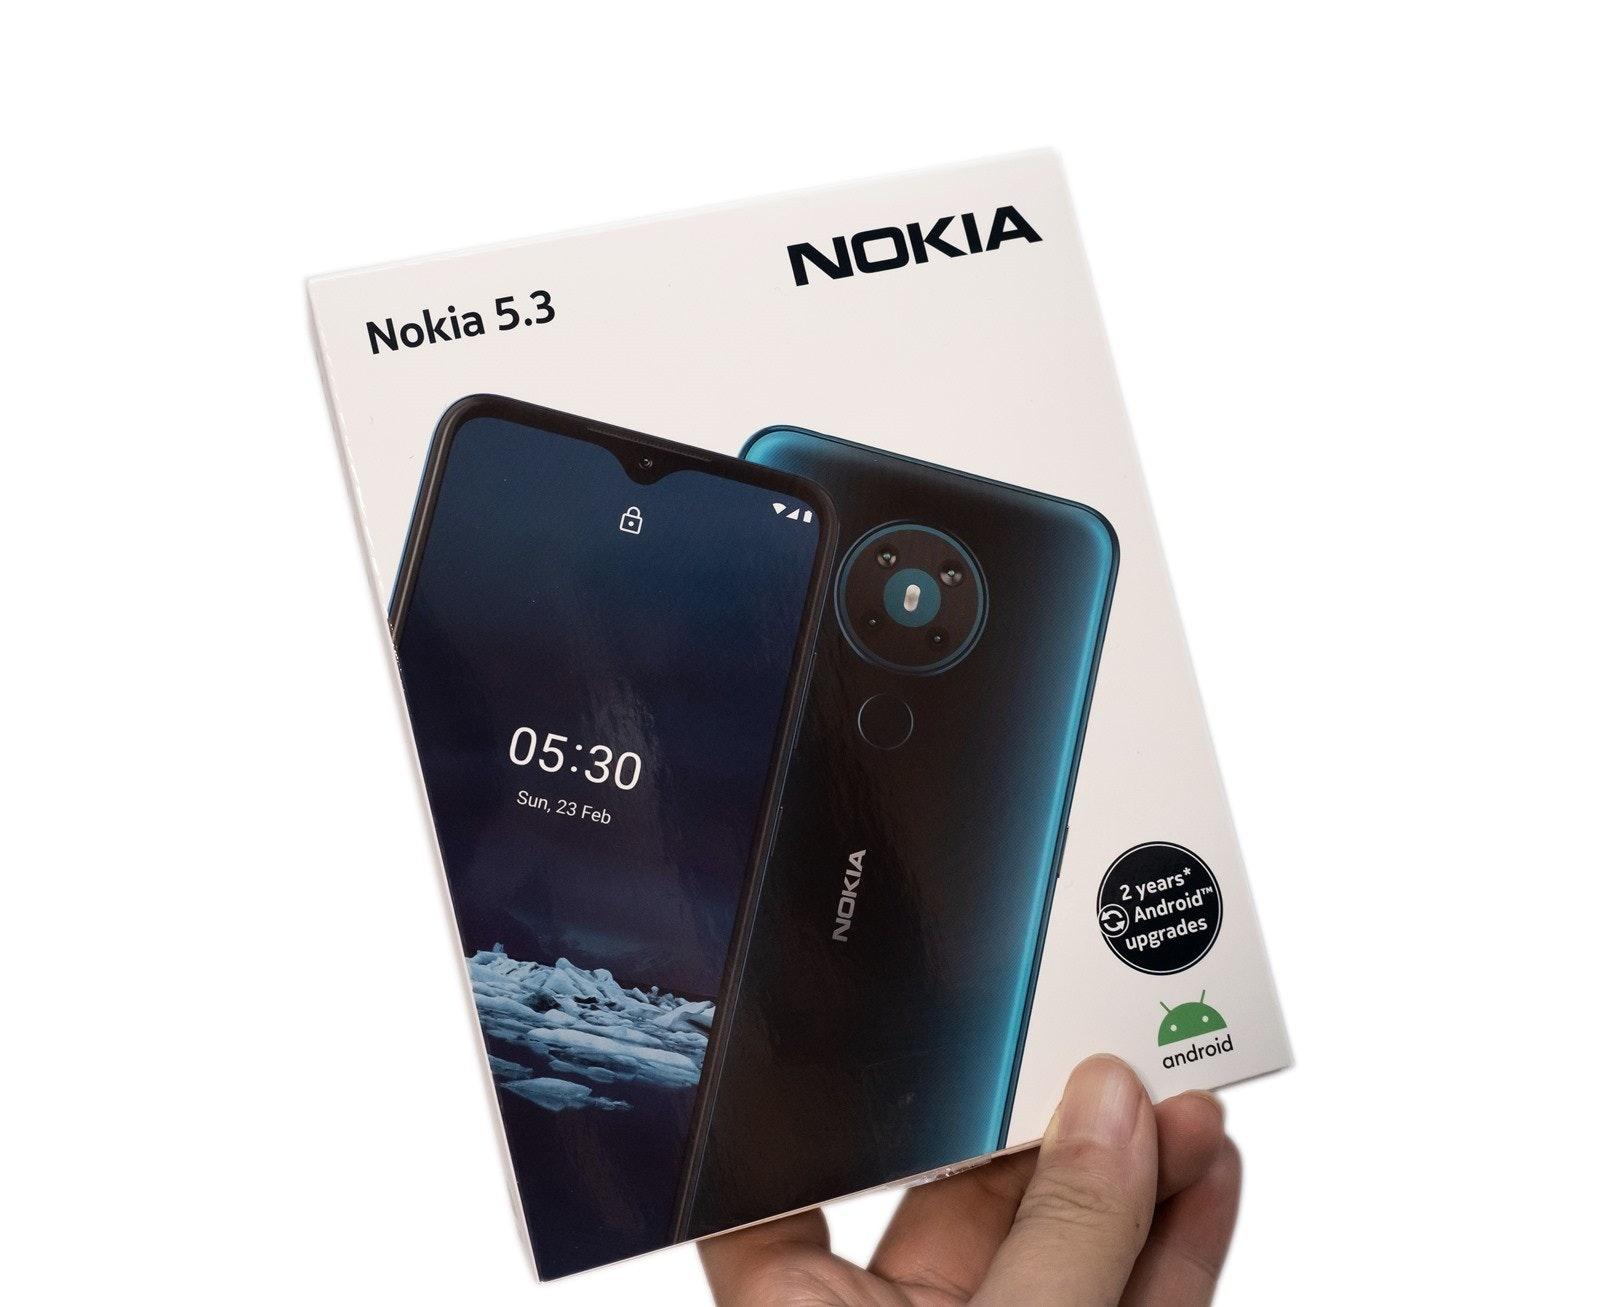 照片中提到了Nokia 5.3、NOKIA、05:30,跟諾基亞有關,包含了諾基亞、手機、產品設計、產品